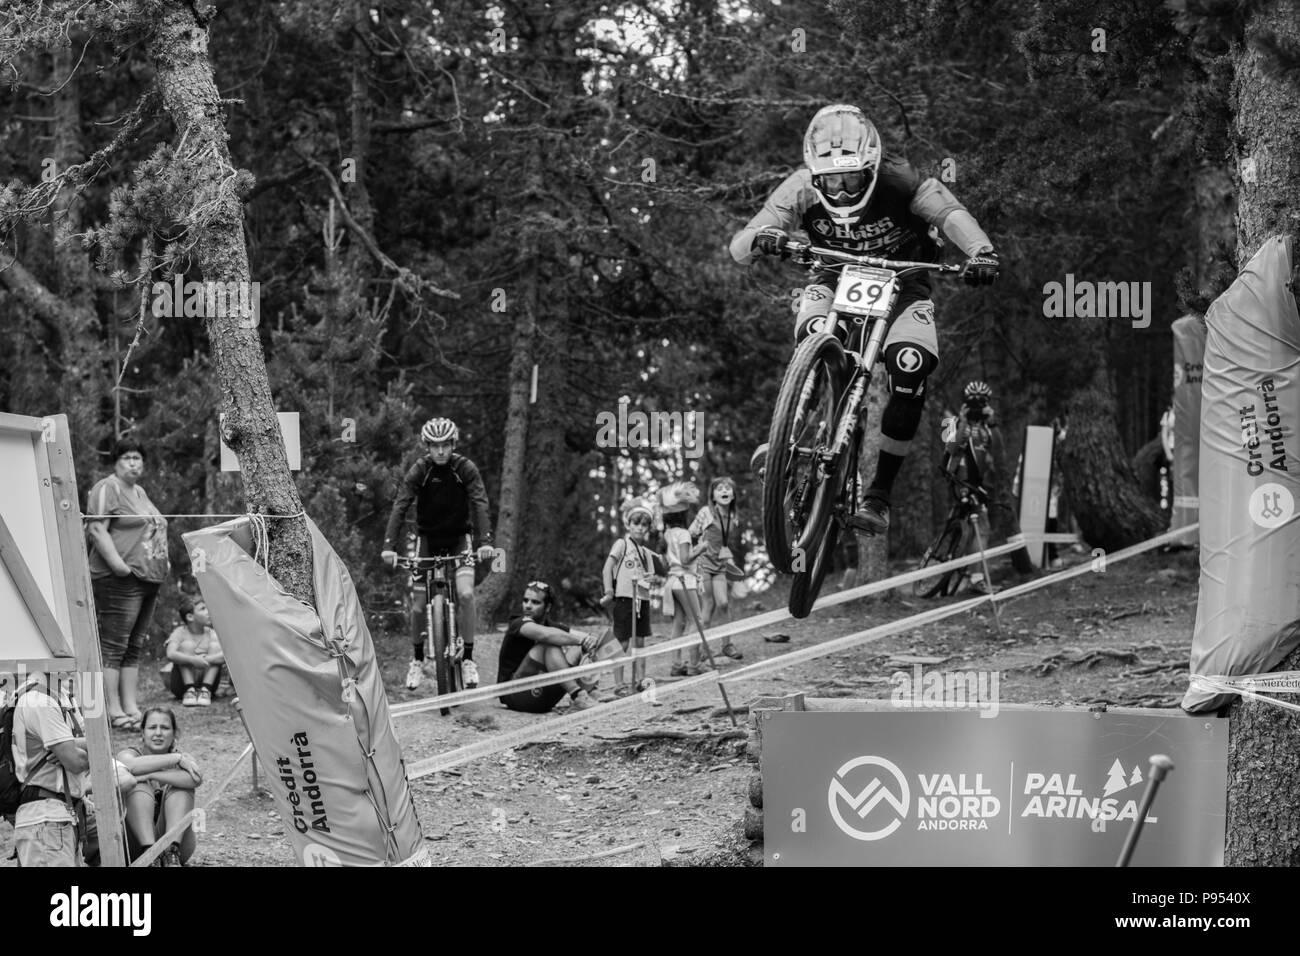 Vallnord, La Massana, Andorra. 14 July 2018. Downhill qualification sesion , UCI, Moutain Bike World Cup, Vallnord Andorra. 14/07/2018 Credit: Martin Silva Cosentino / Alamy Live News - Stock Image